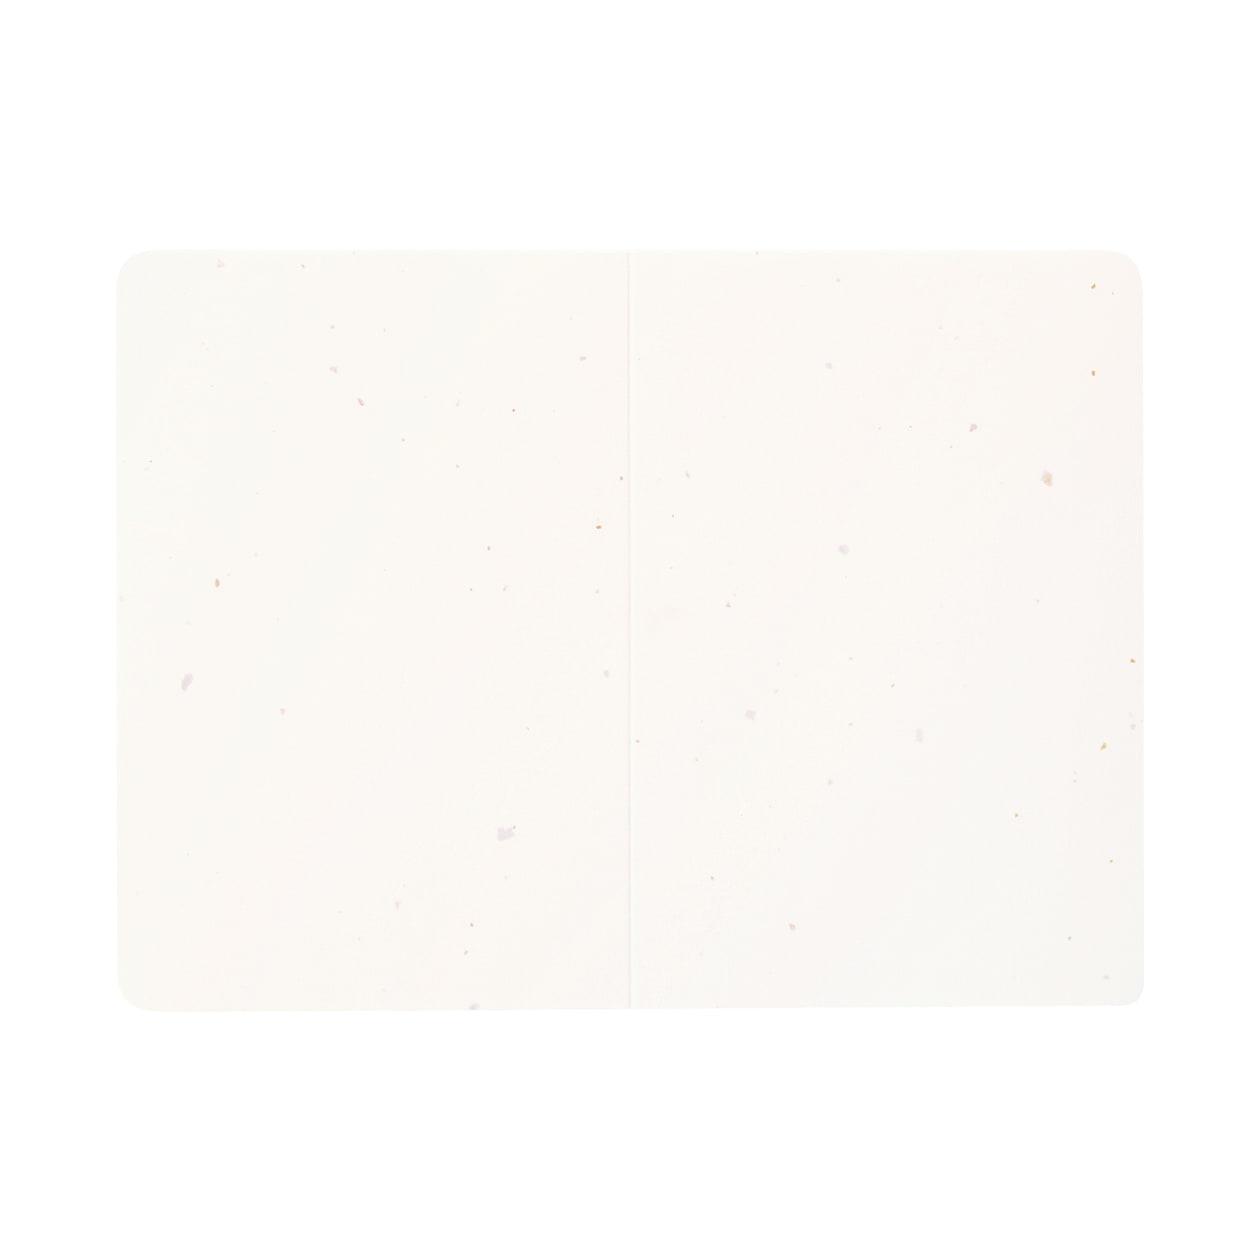 #53VカードR こざと 白雪 186.1g